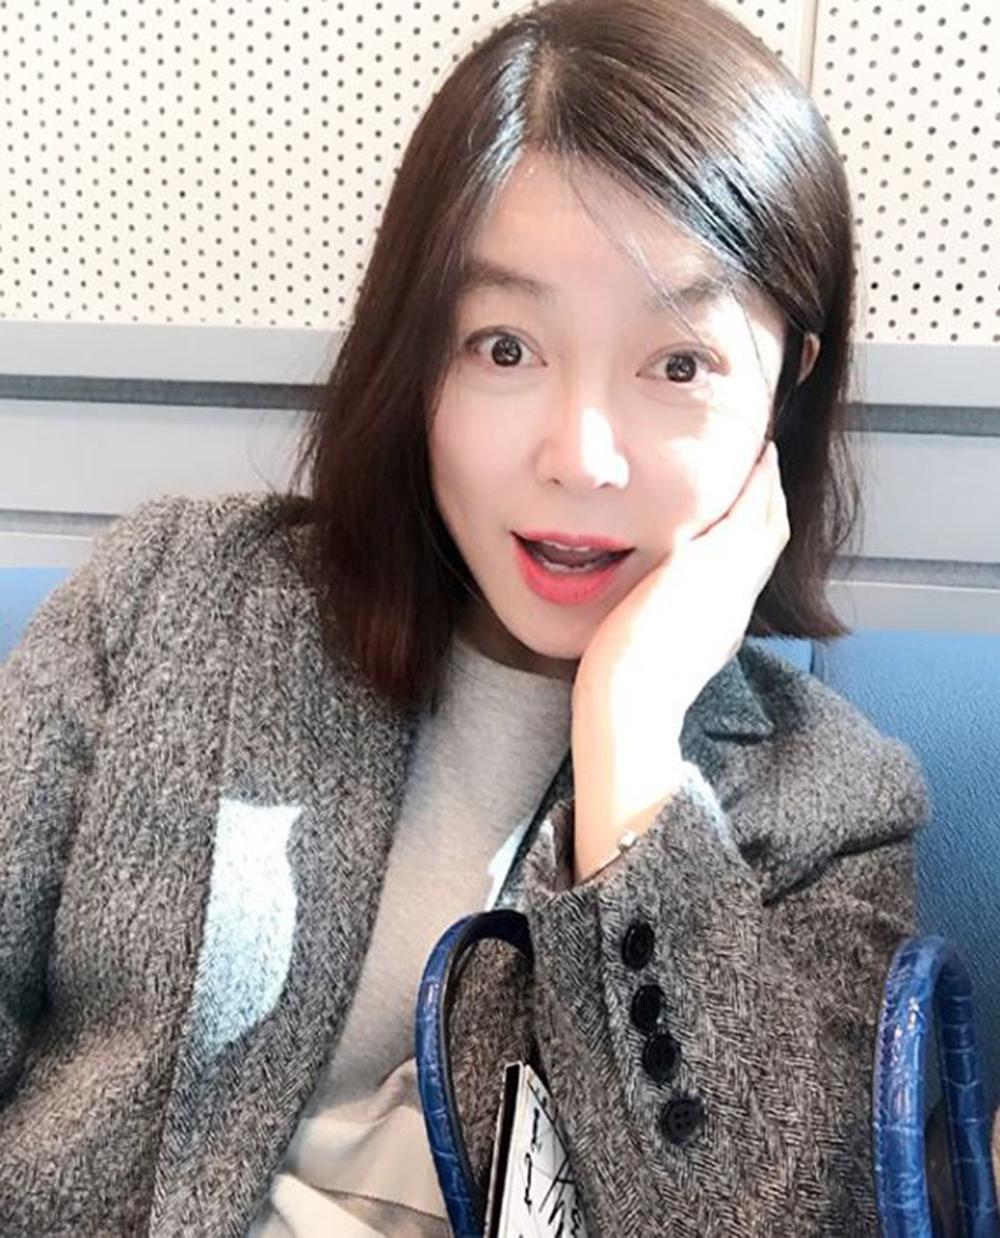 '밥블레스유' 최화정, 나이 가늠 불가능한 '동안 비주얼의 교과서'